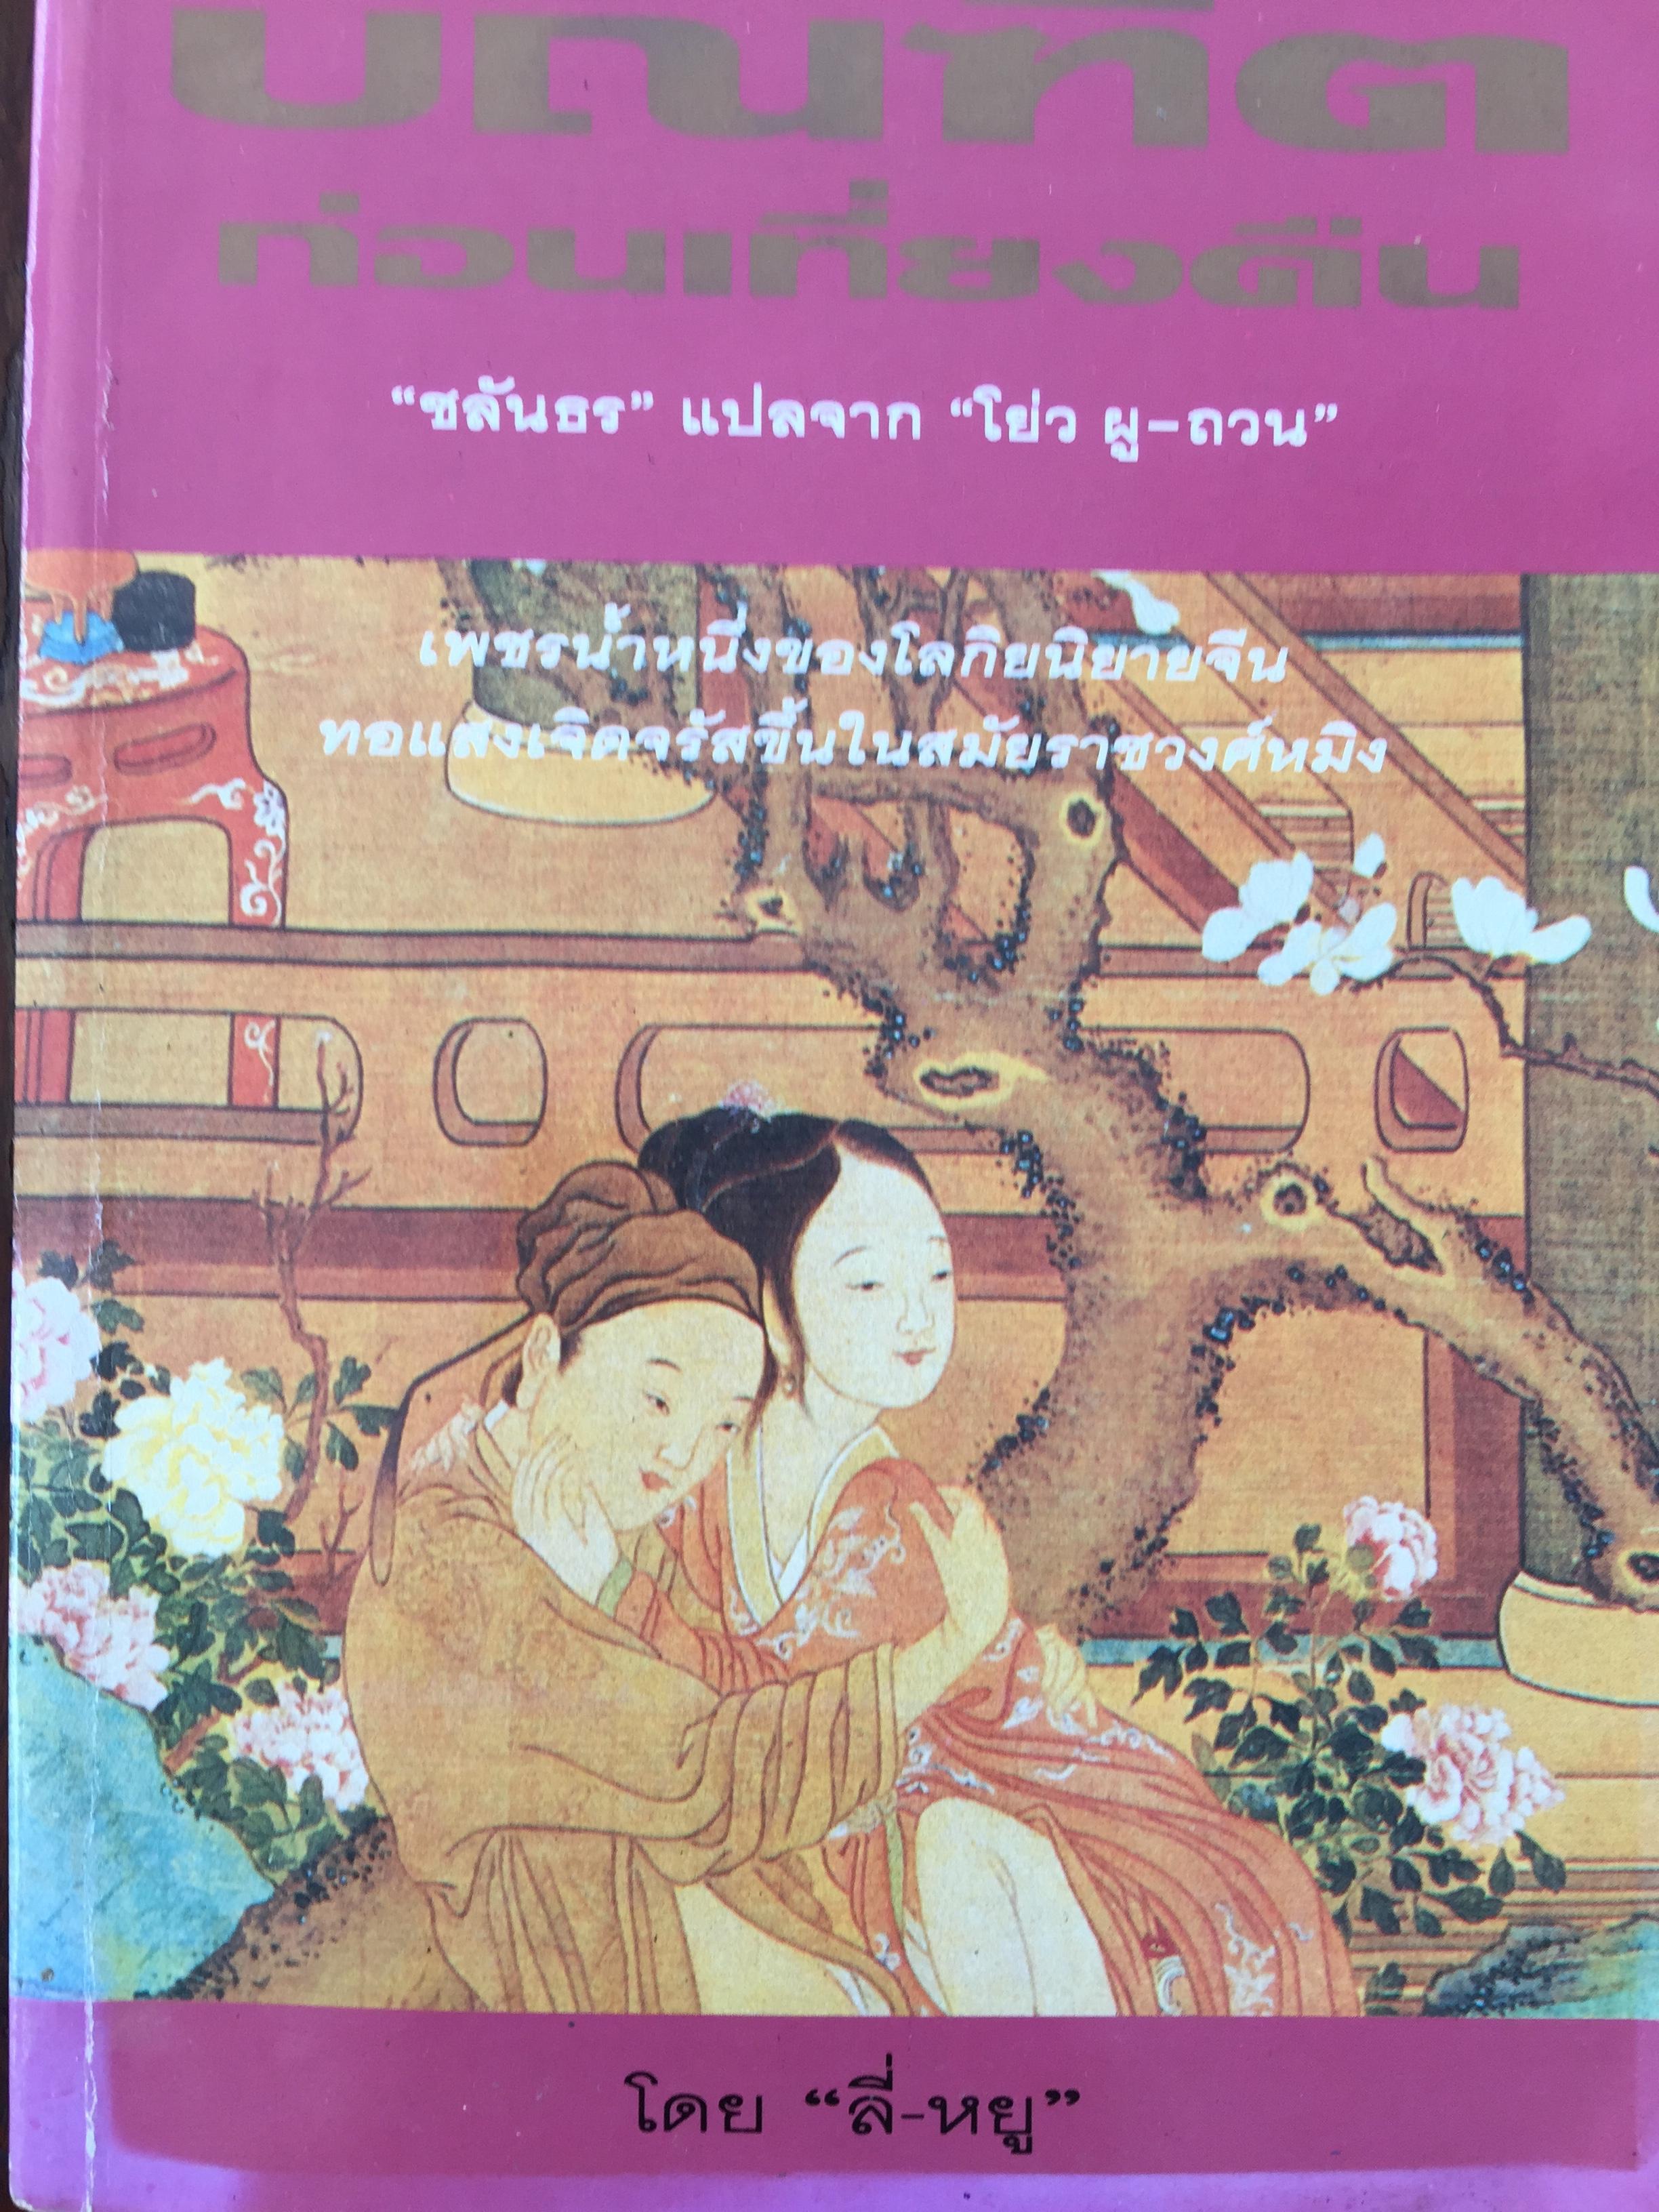 """บัณฑิตก่อนเที่ยงคืน. """"ชลันธร"""" แปลจาก """"โย่ว ผู-ถวน เพชรน้ำหนึ่งของโลกิยนิยายจีน. แสงเจิดจรัสจึ้นในสมัยราชวงศ์หมิง"""